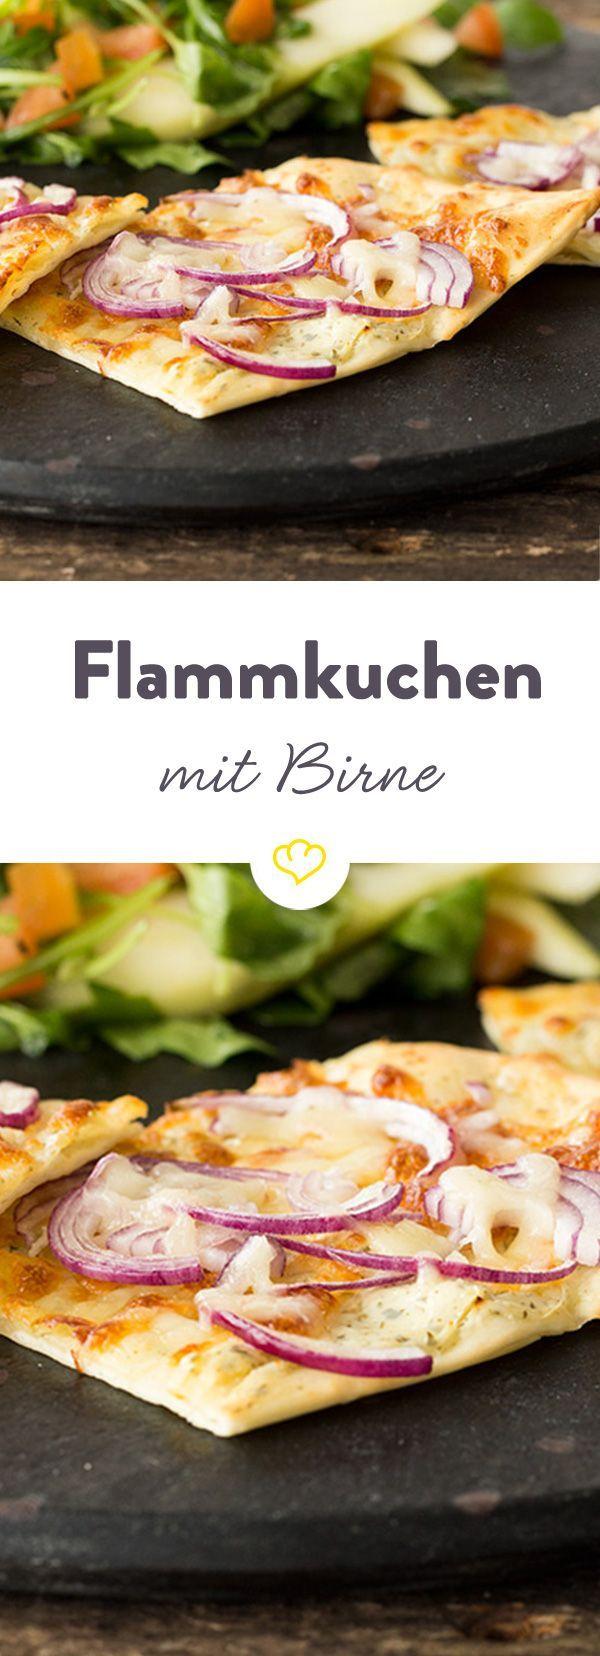 Frisch, leicht und lecker! So schmeckt unser Frühlingsrezept mit knusprig gebackenem Flammkuchen, knackigem Rucola und herrlich süßen Birnenspalten.